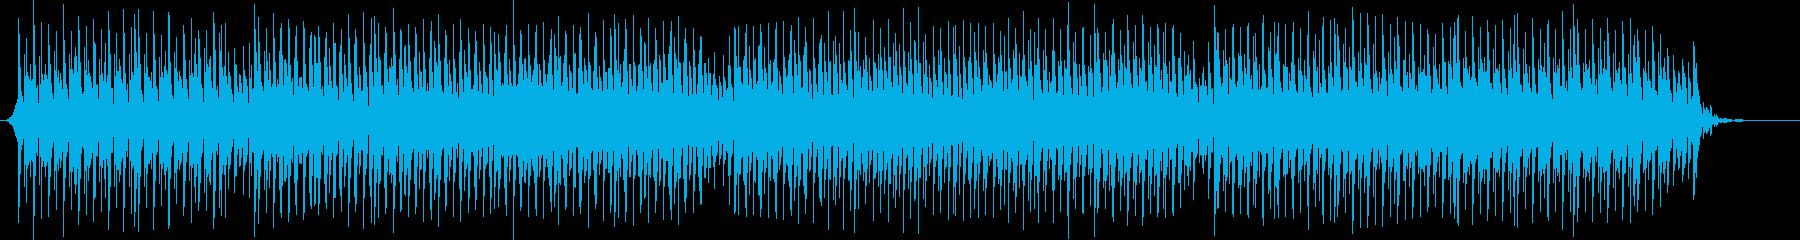 ヘッドライン/ニュース/BGM/四つ打系の再生済みの波形